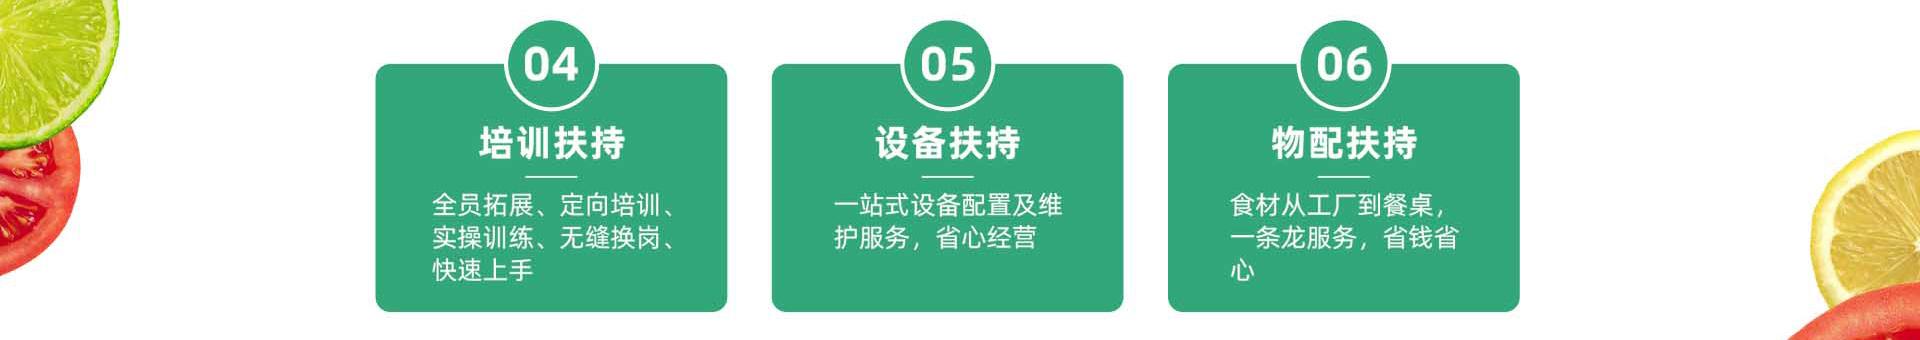 酸小七果味酸汤鱼新版详情页_23